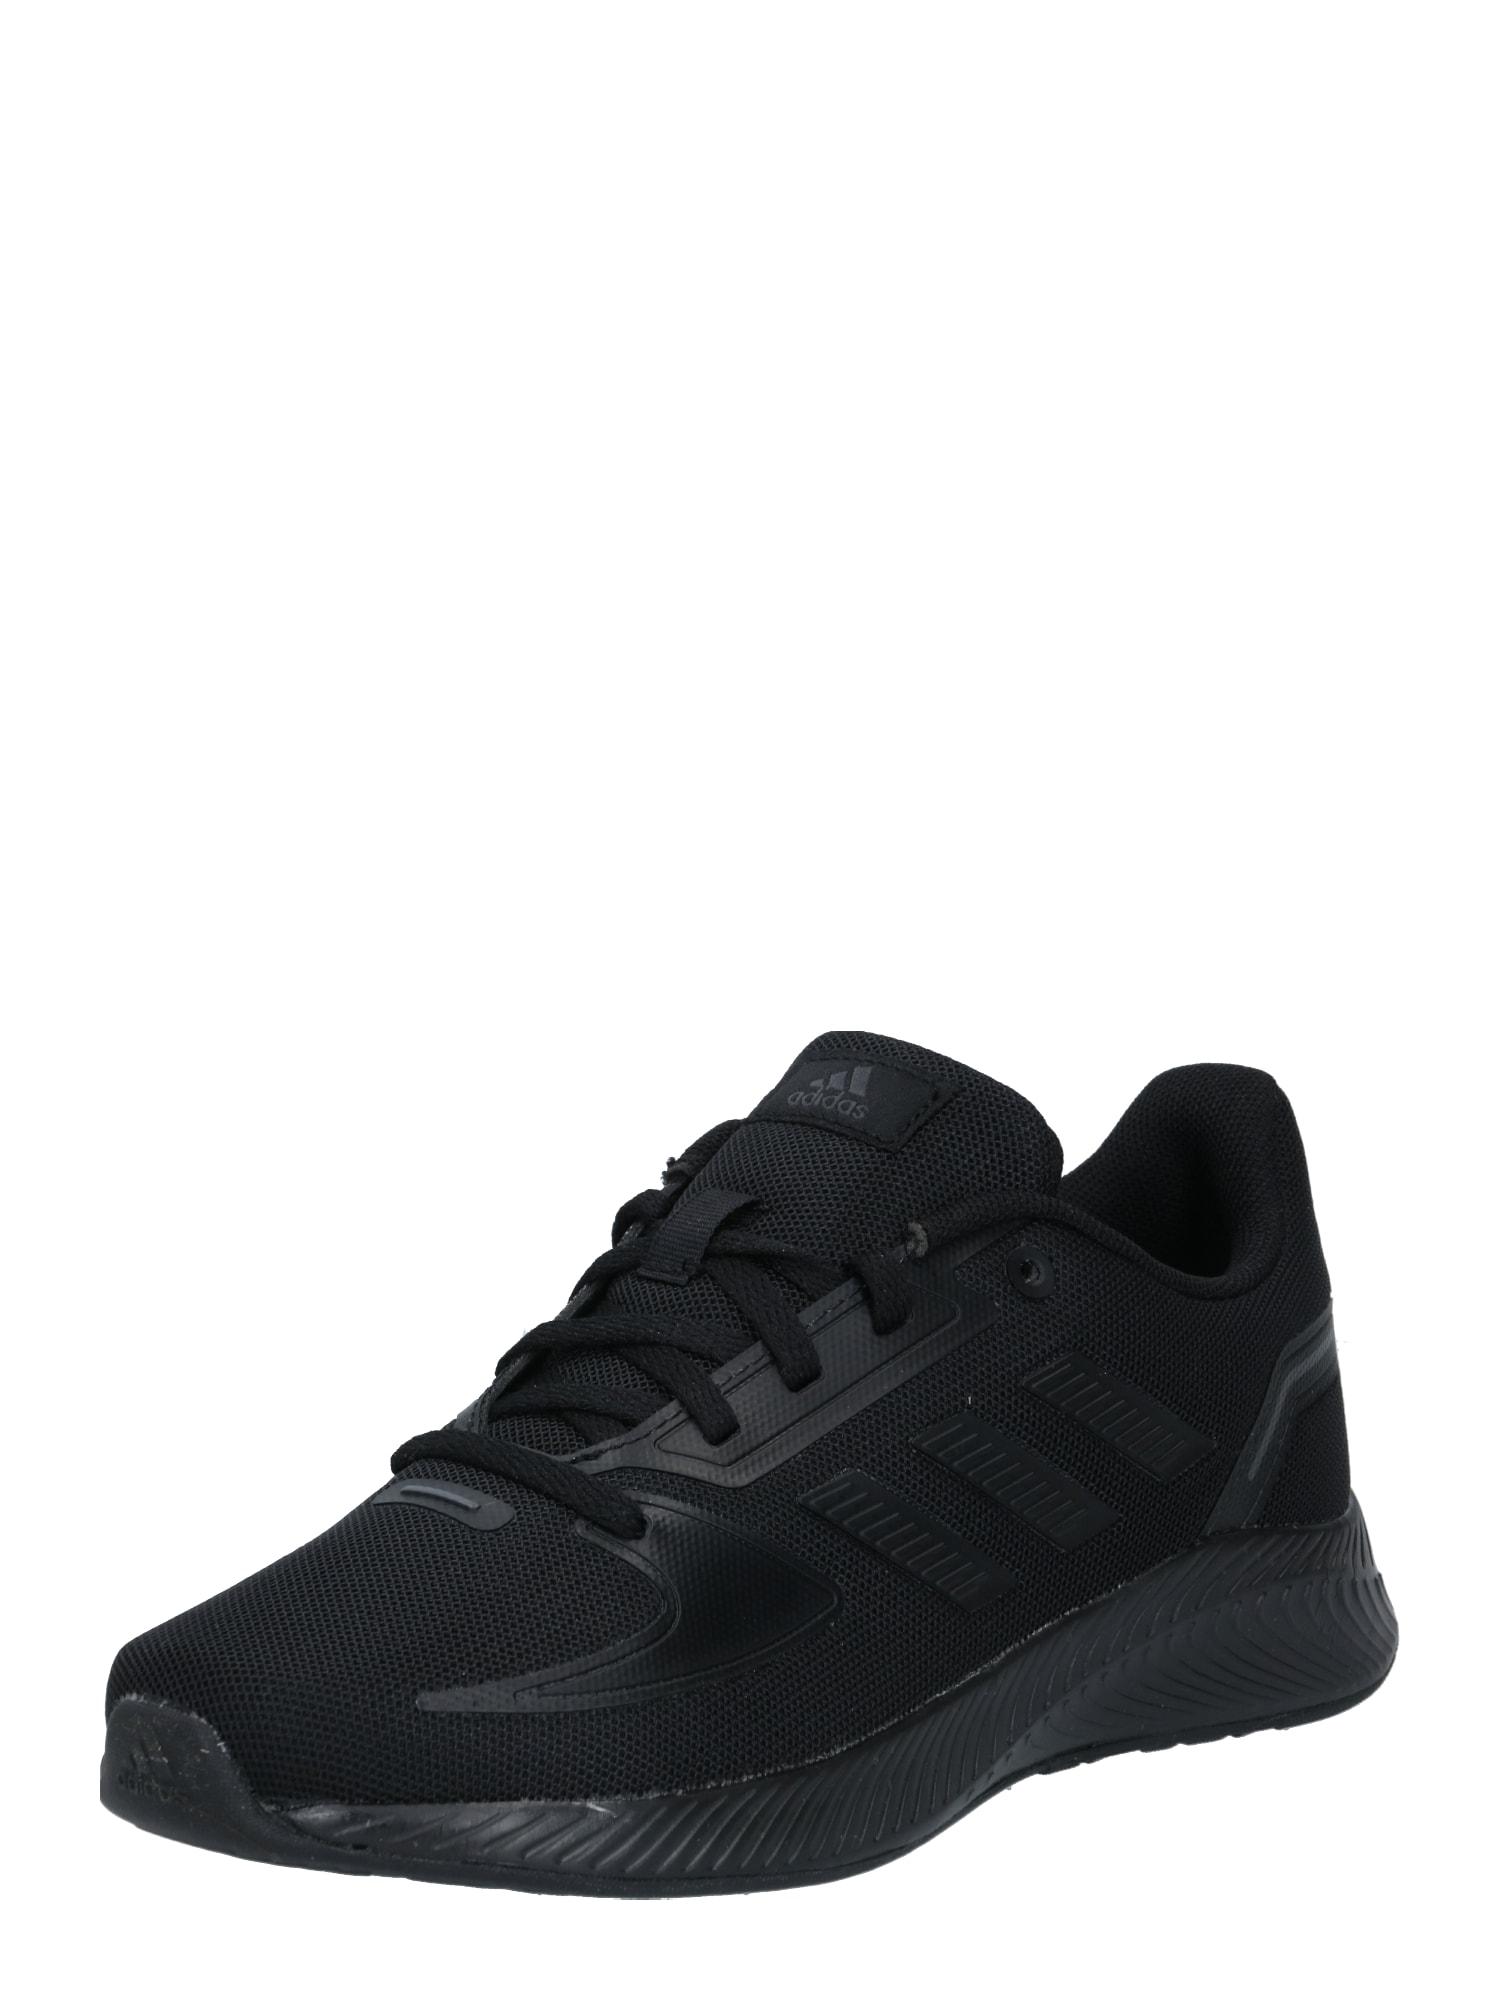 ADIDAS PERFORMANCE Sportiniai batai 'Runfalcon 2.0' juoda